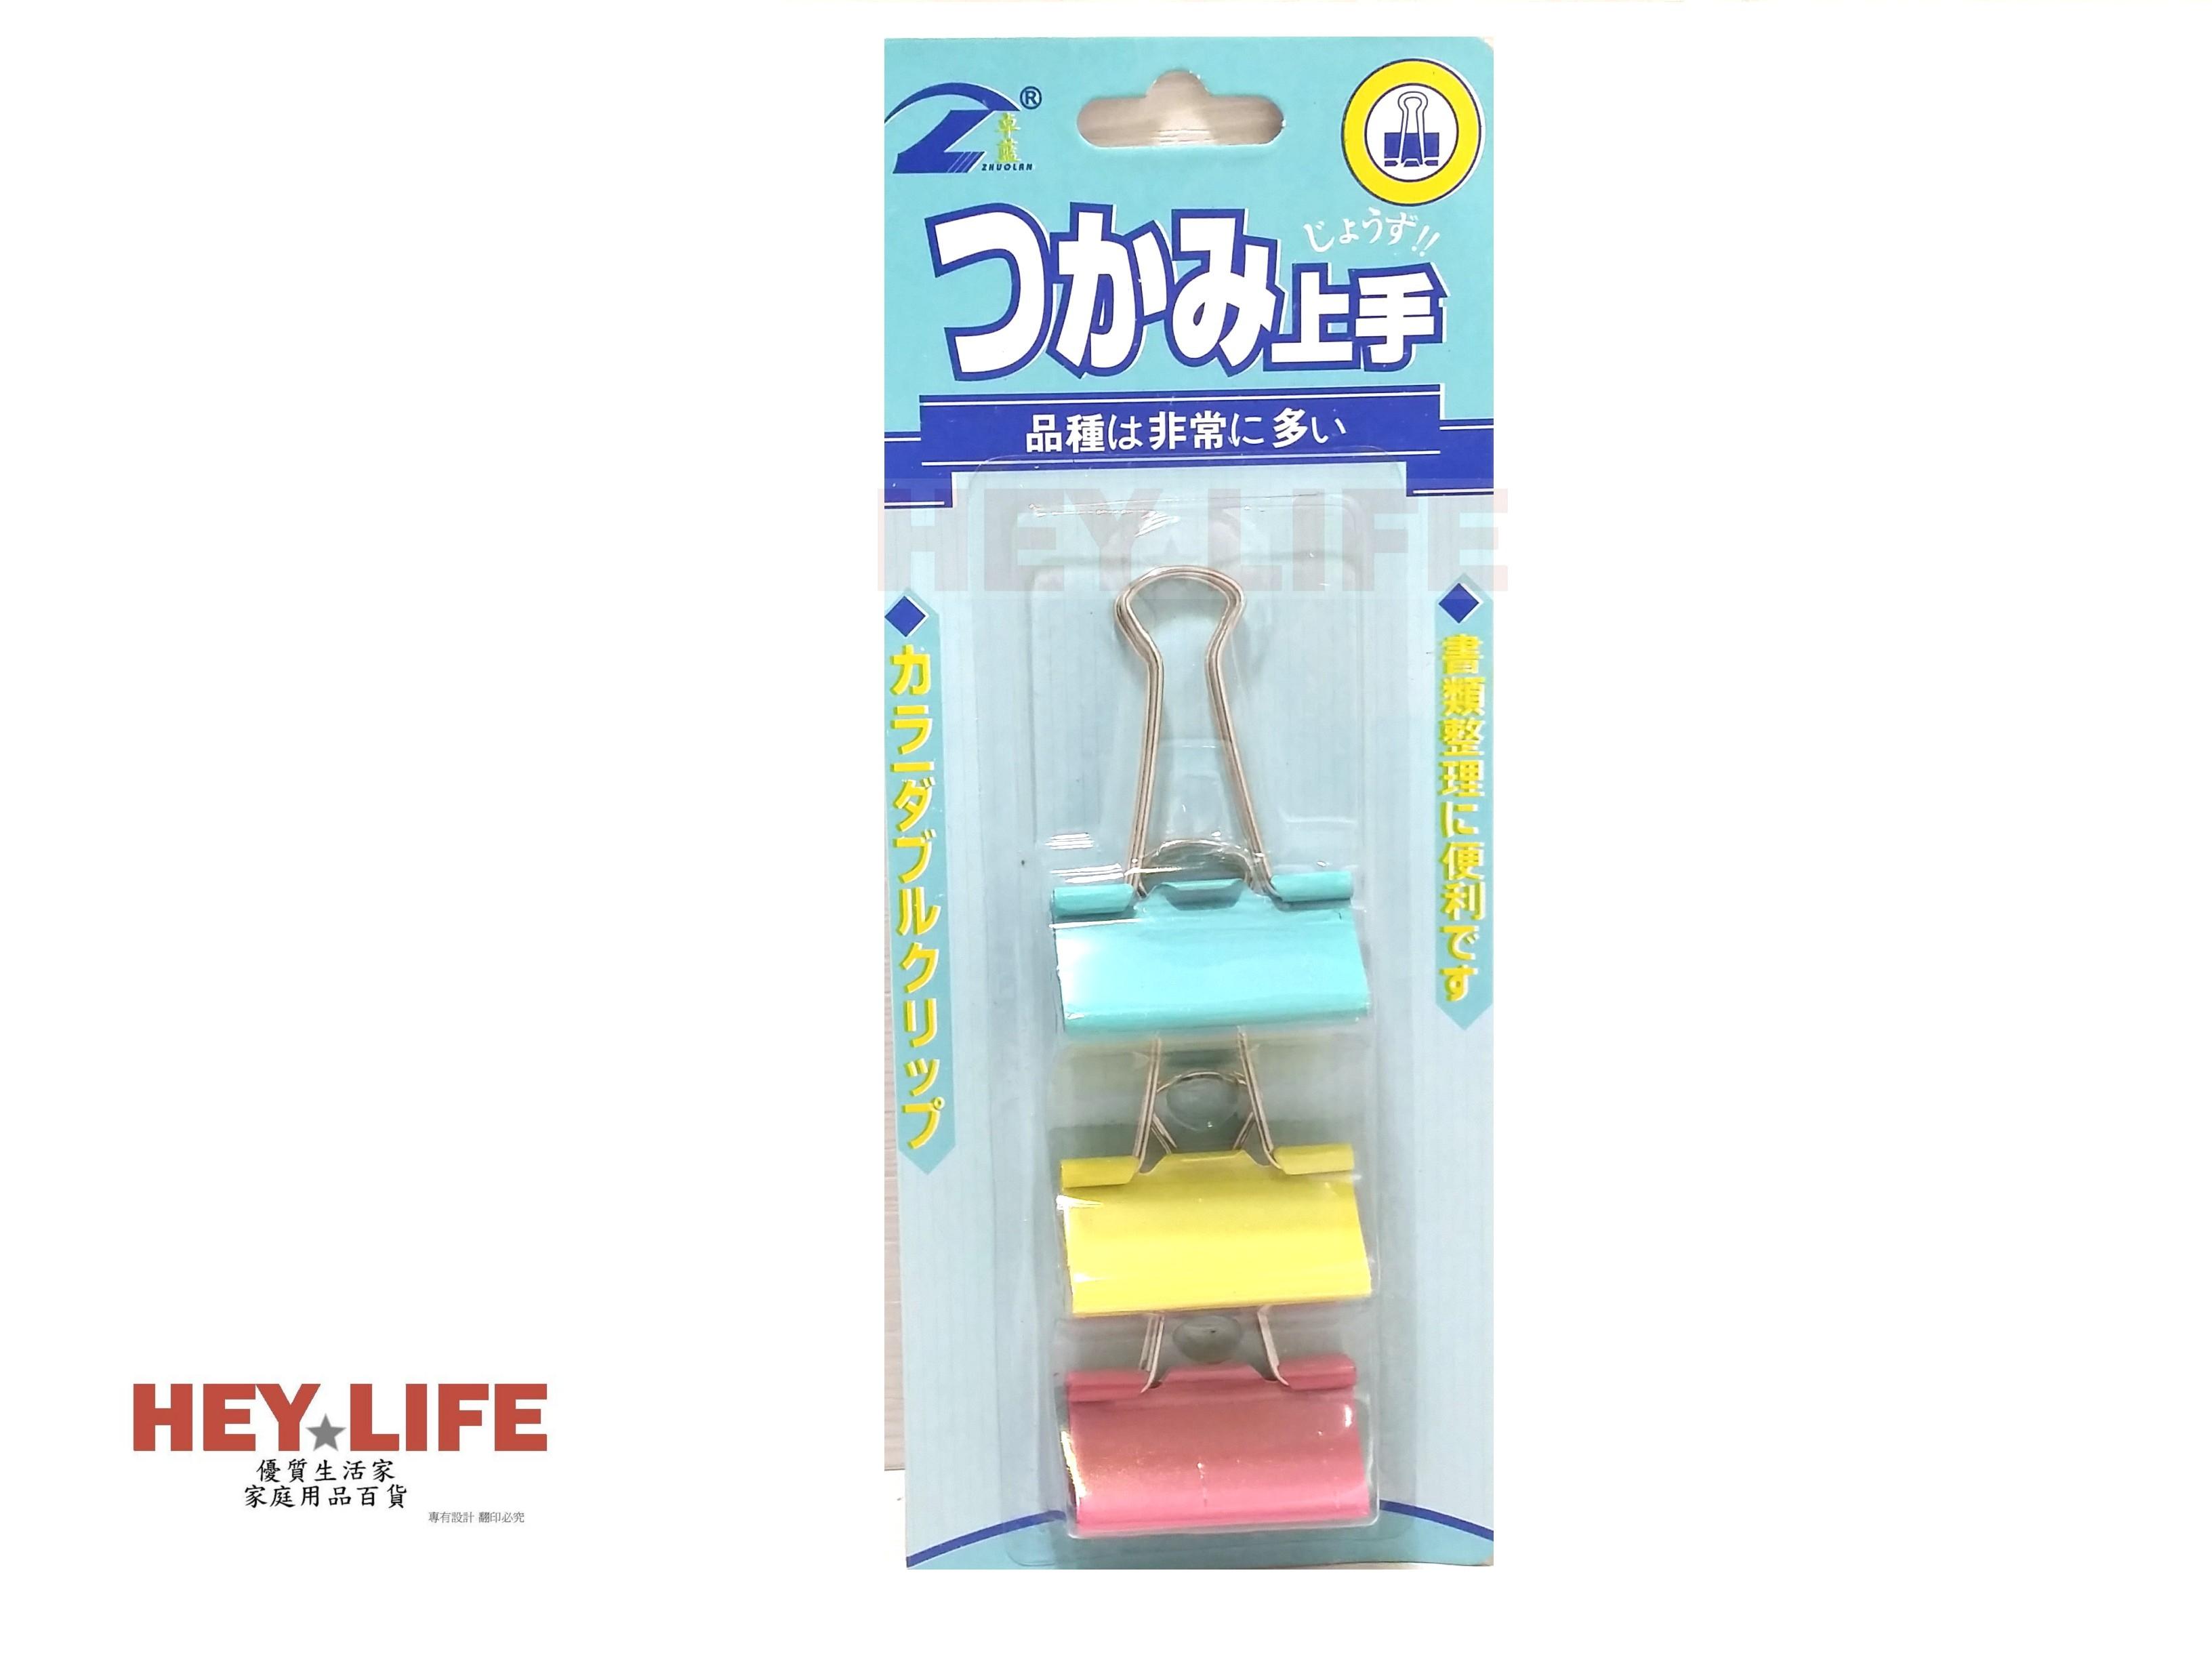 【HEYLIFE優質生活家】長尾夾(彩色)3入 32mm 文具夾 夾 優質嚴選 品質保證